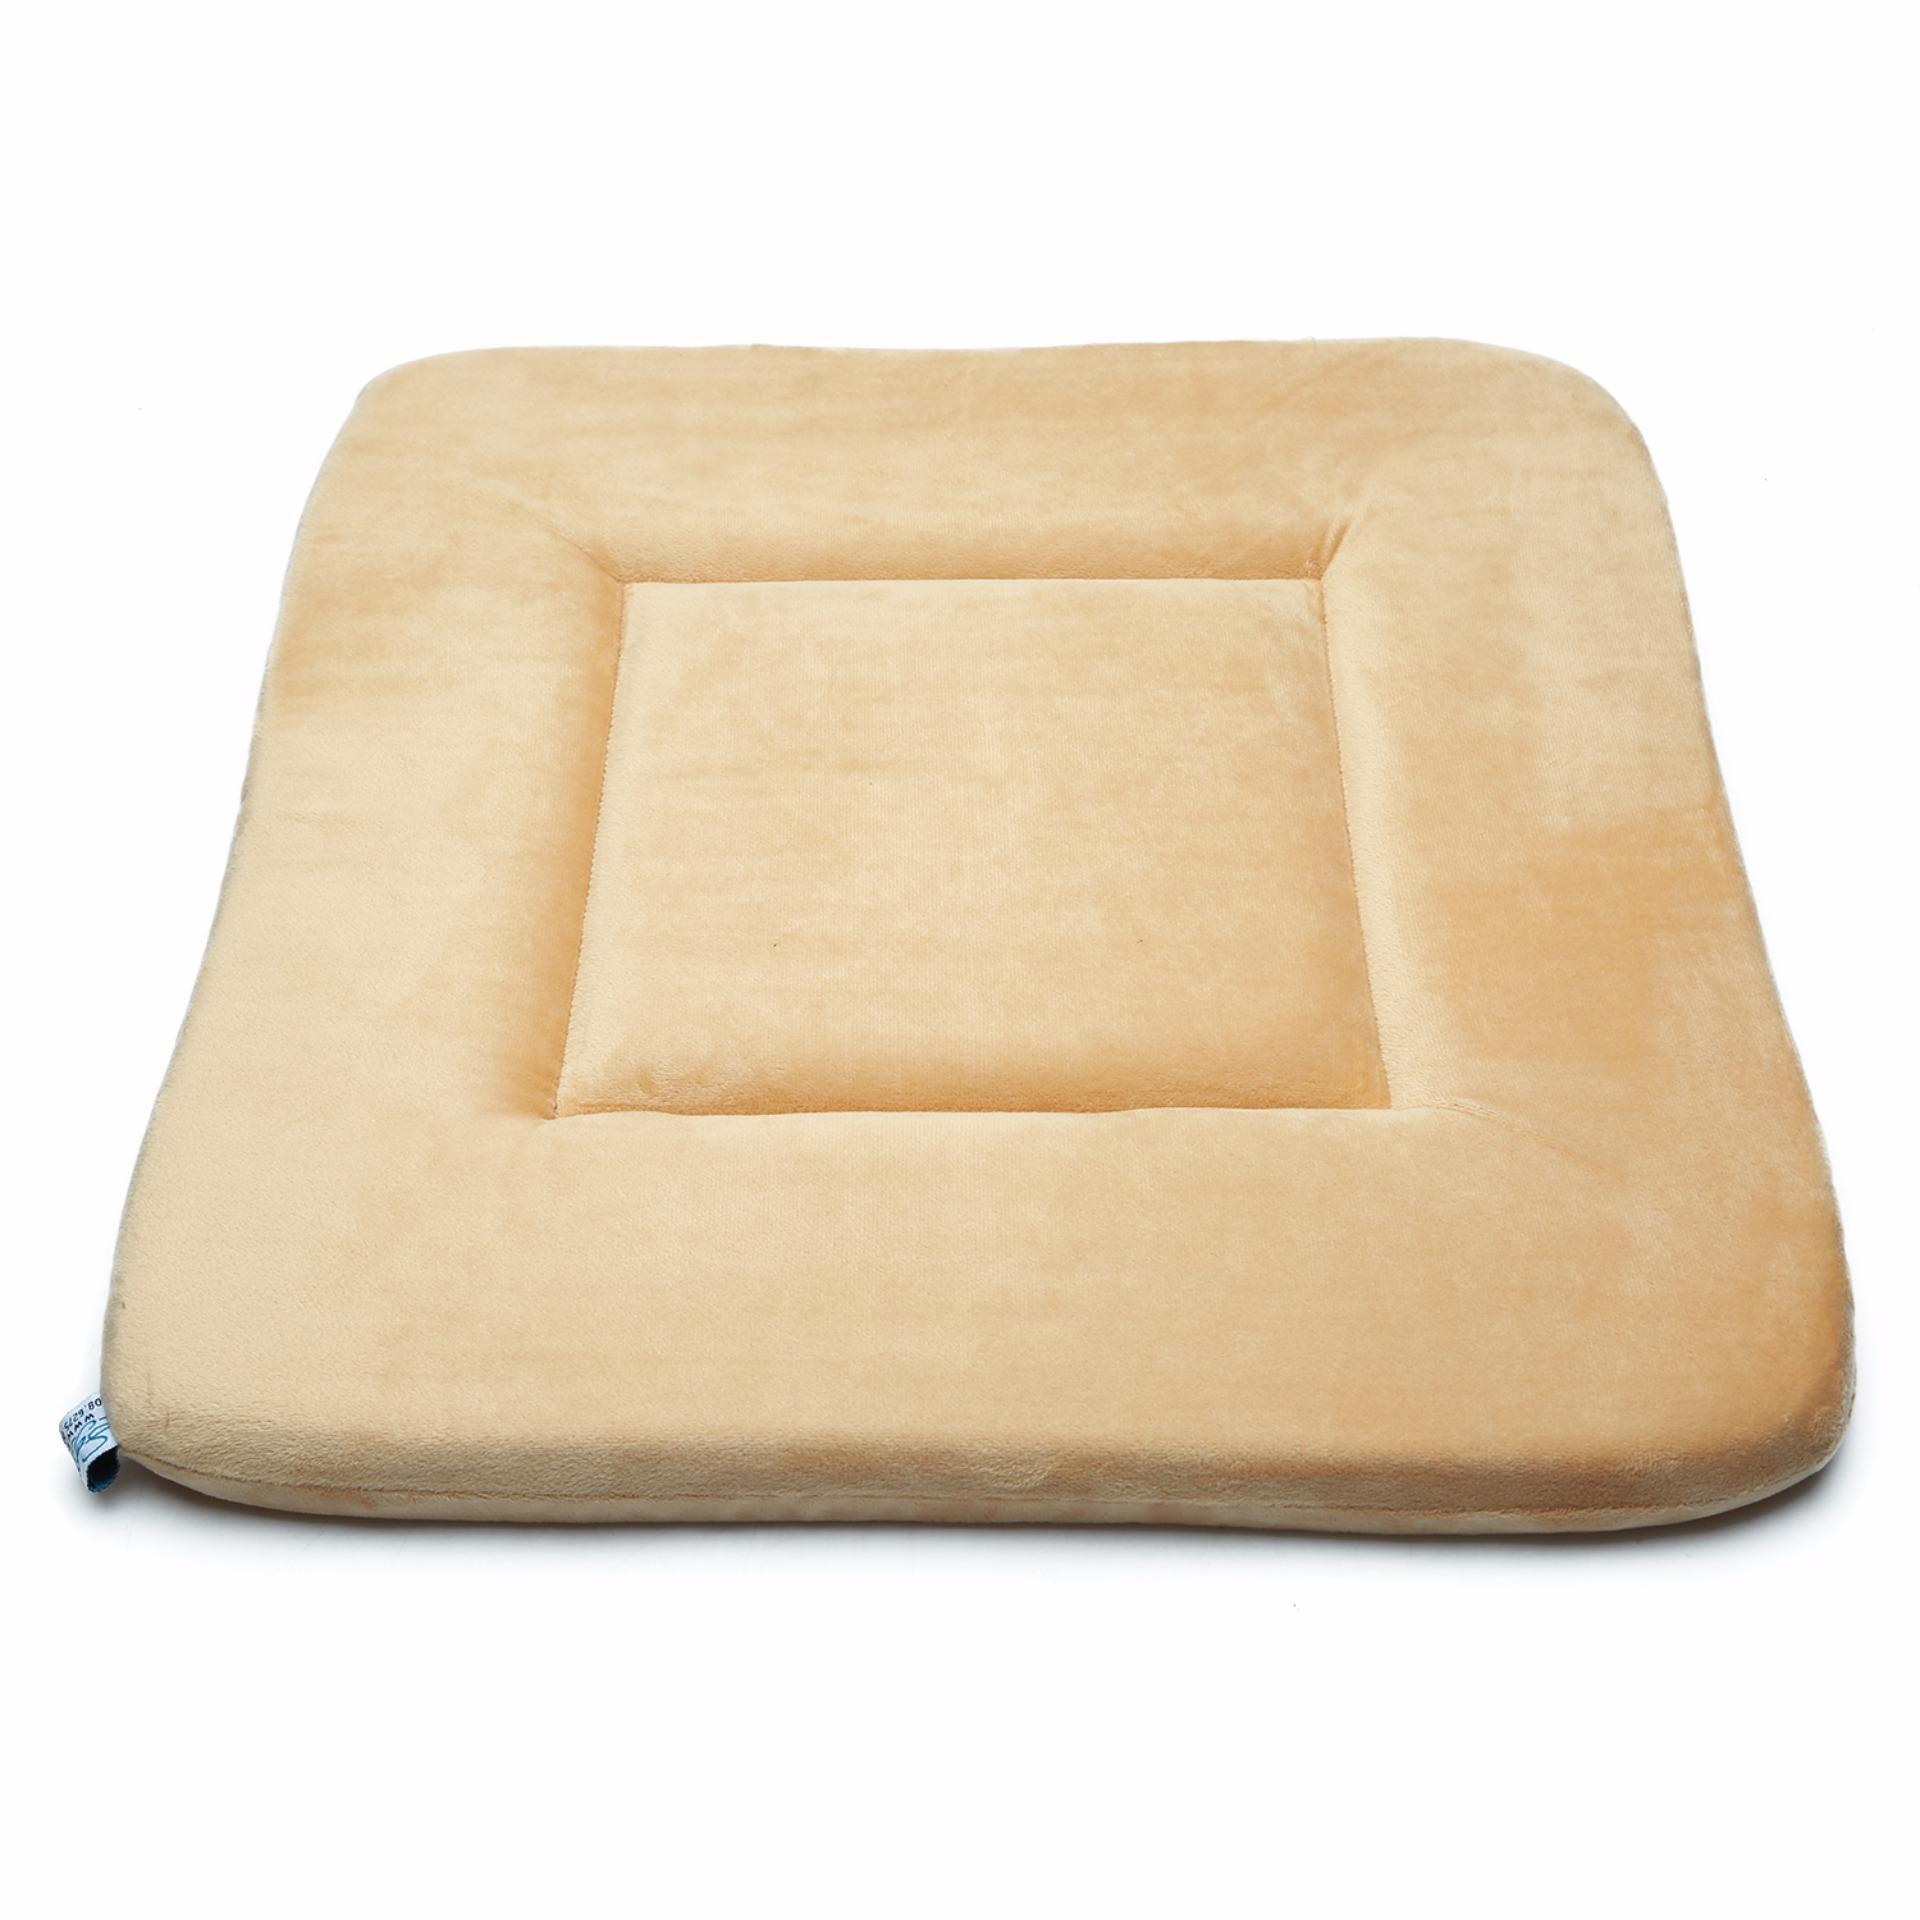 Nệm ngồi Cow Velvet Seat Pad (Cà phê sữa)